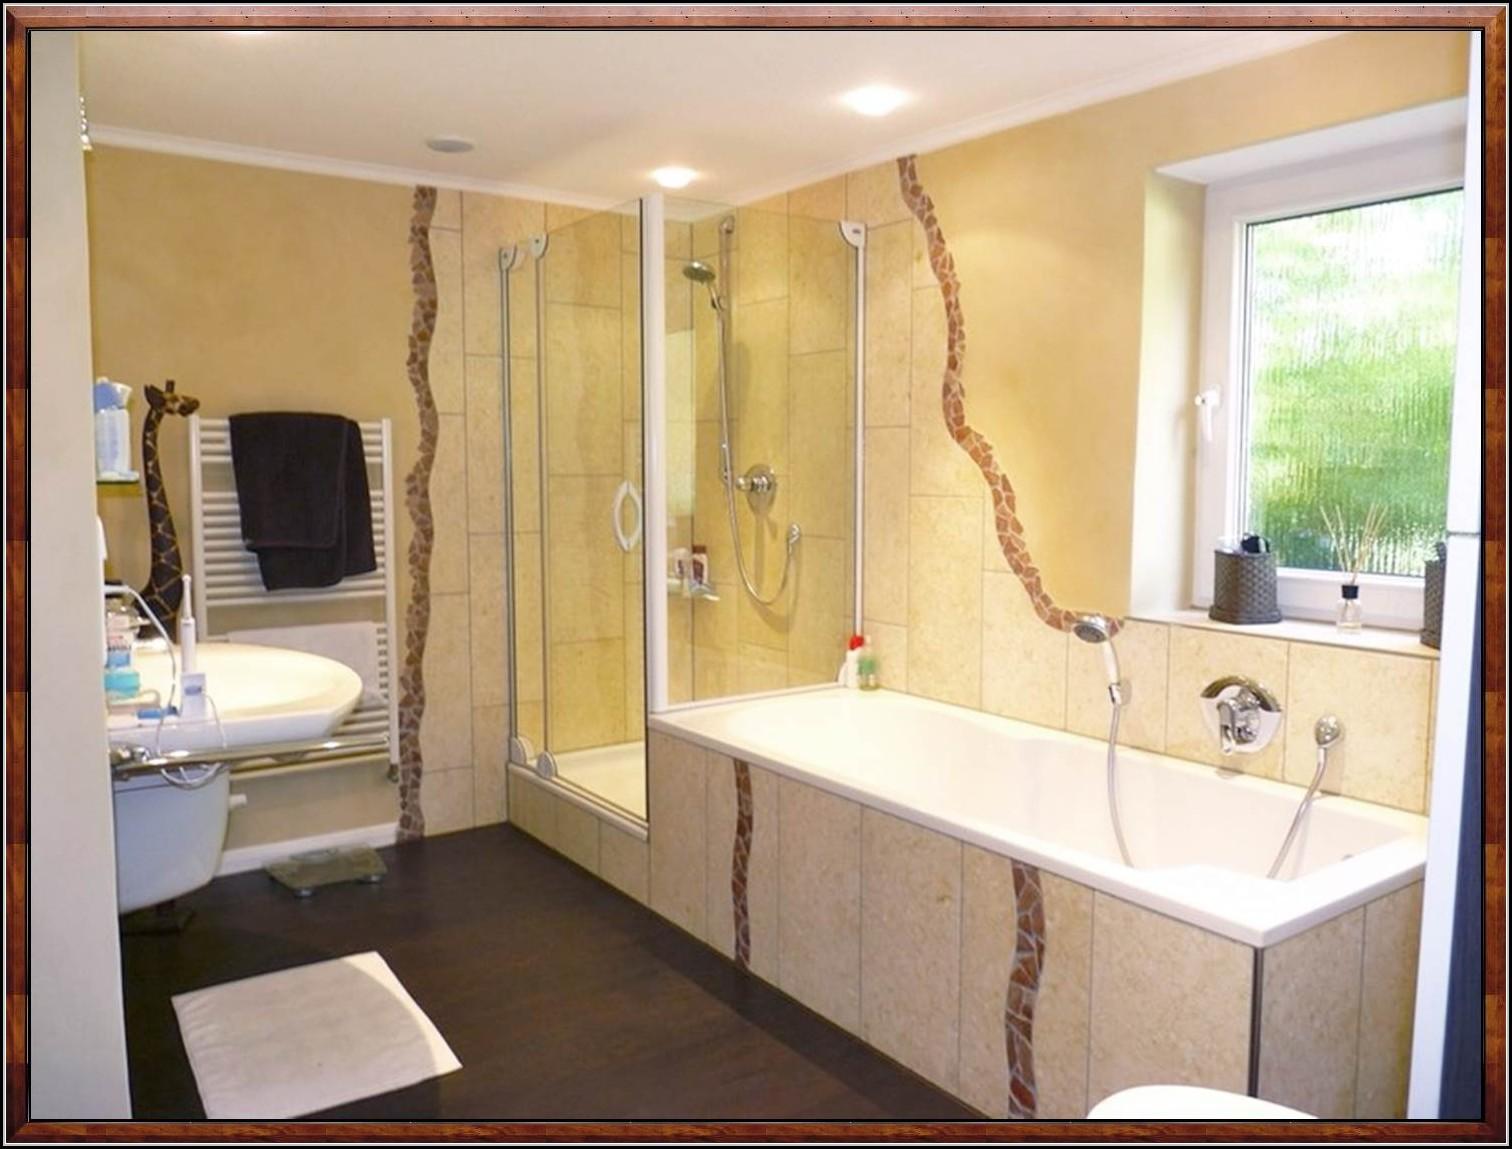 badgestaltung mit fliesen und putz fliesen house und dekor galerie xp1oebokdj. Black Bedroom Furniture Sets. Home Design Ideas